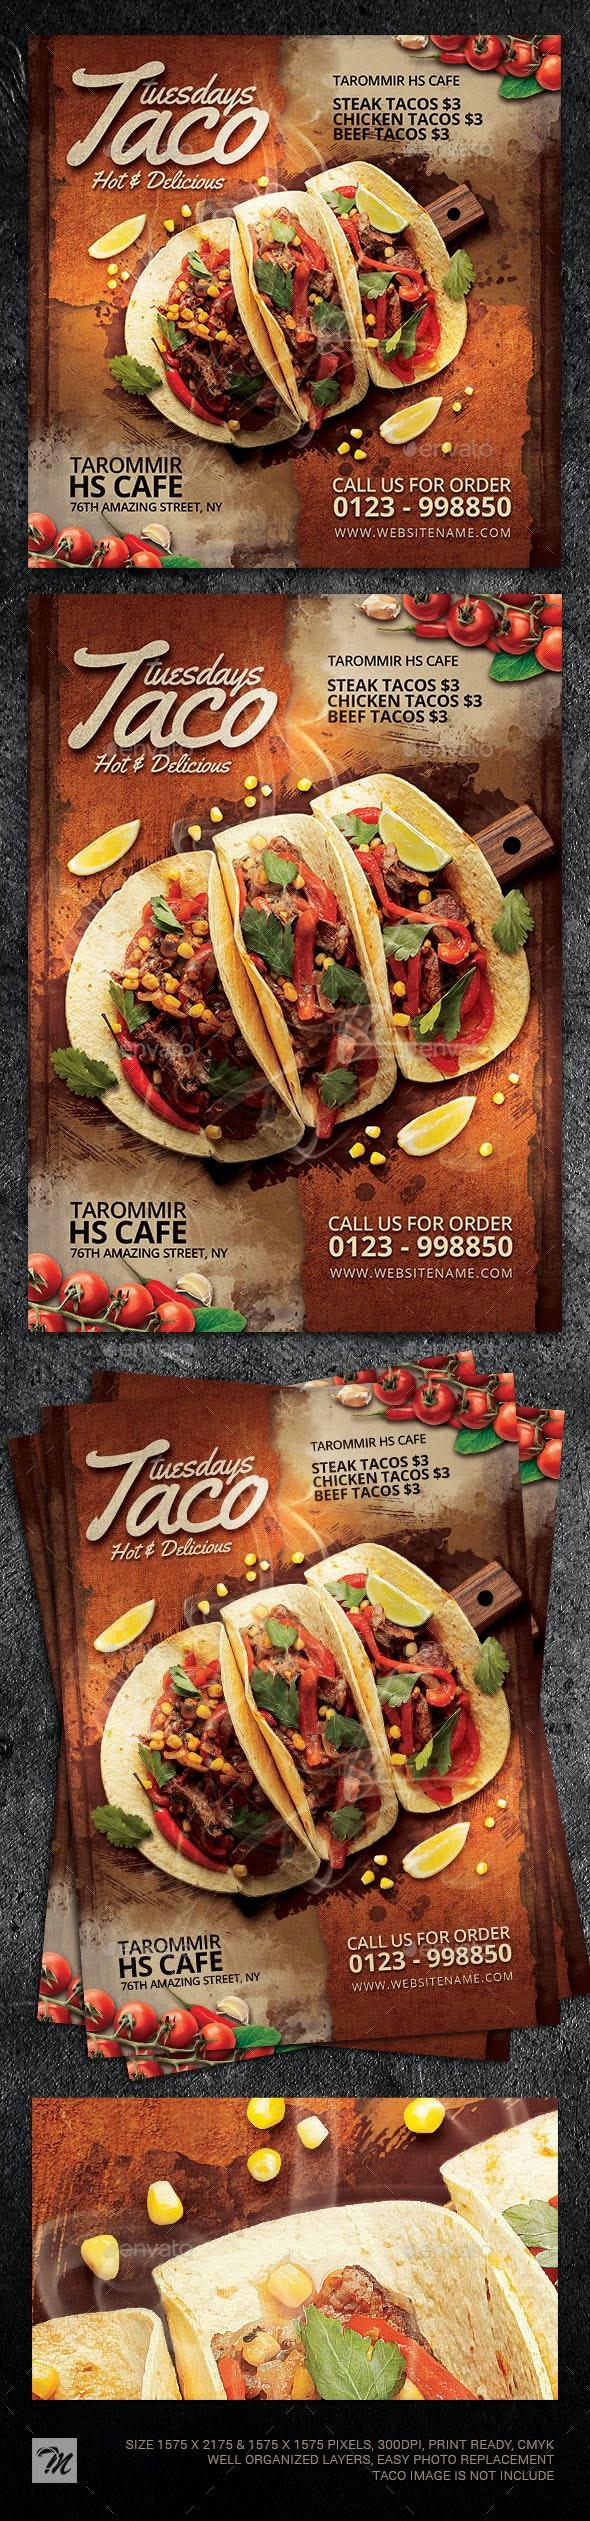 Taco Tuesdays Flyer - Restaurant Flyers